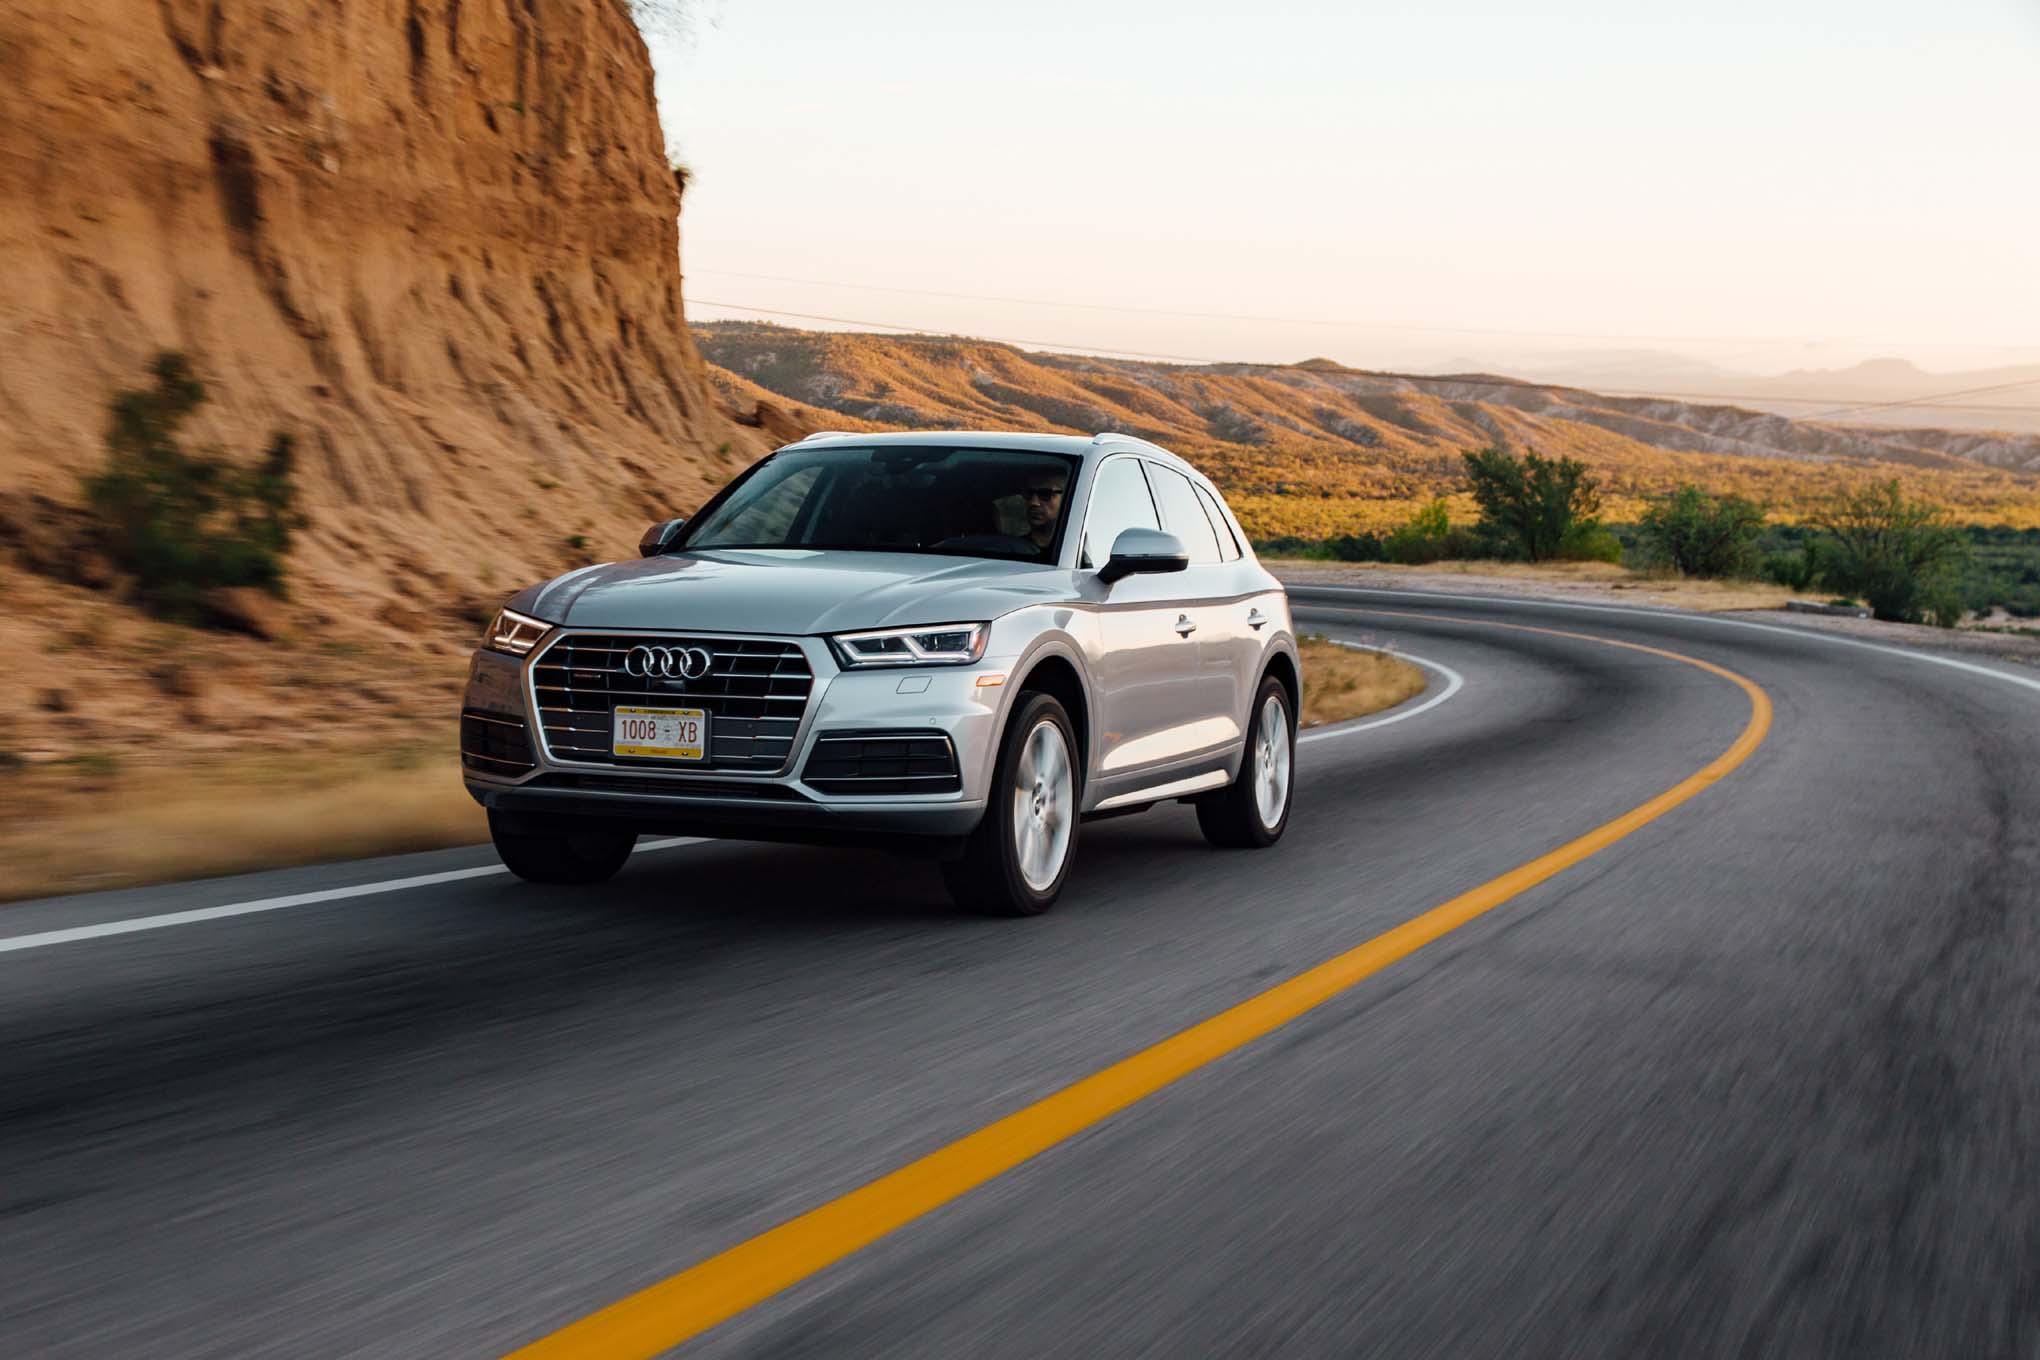 2018 Audi Q5 Vs. 2018 Audi SQ5